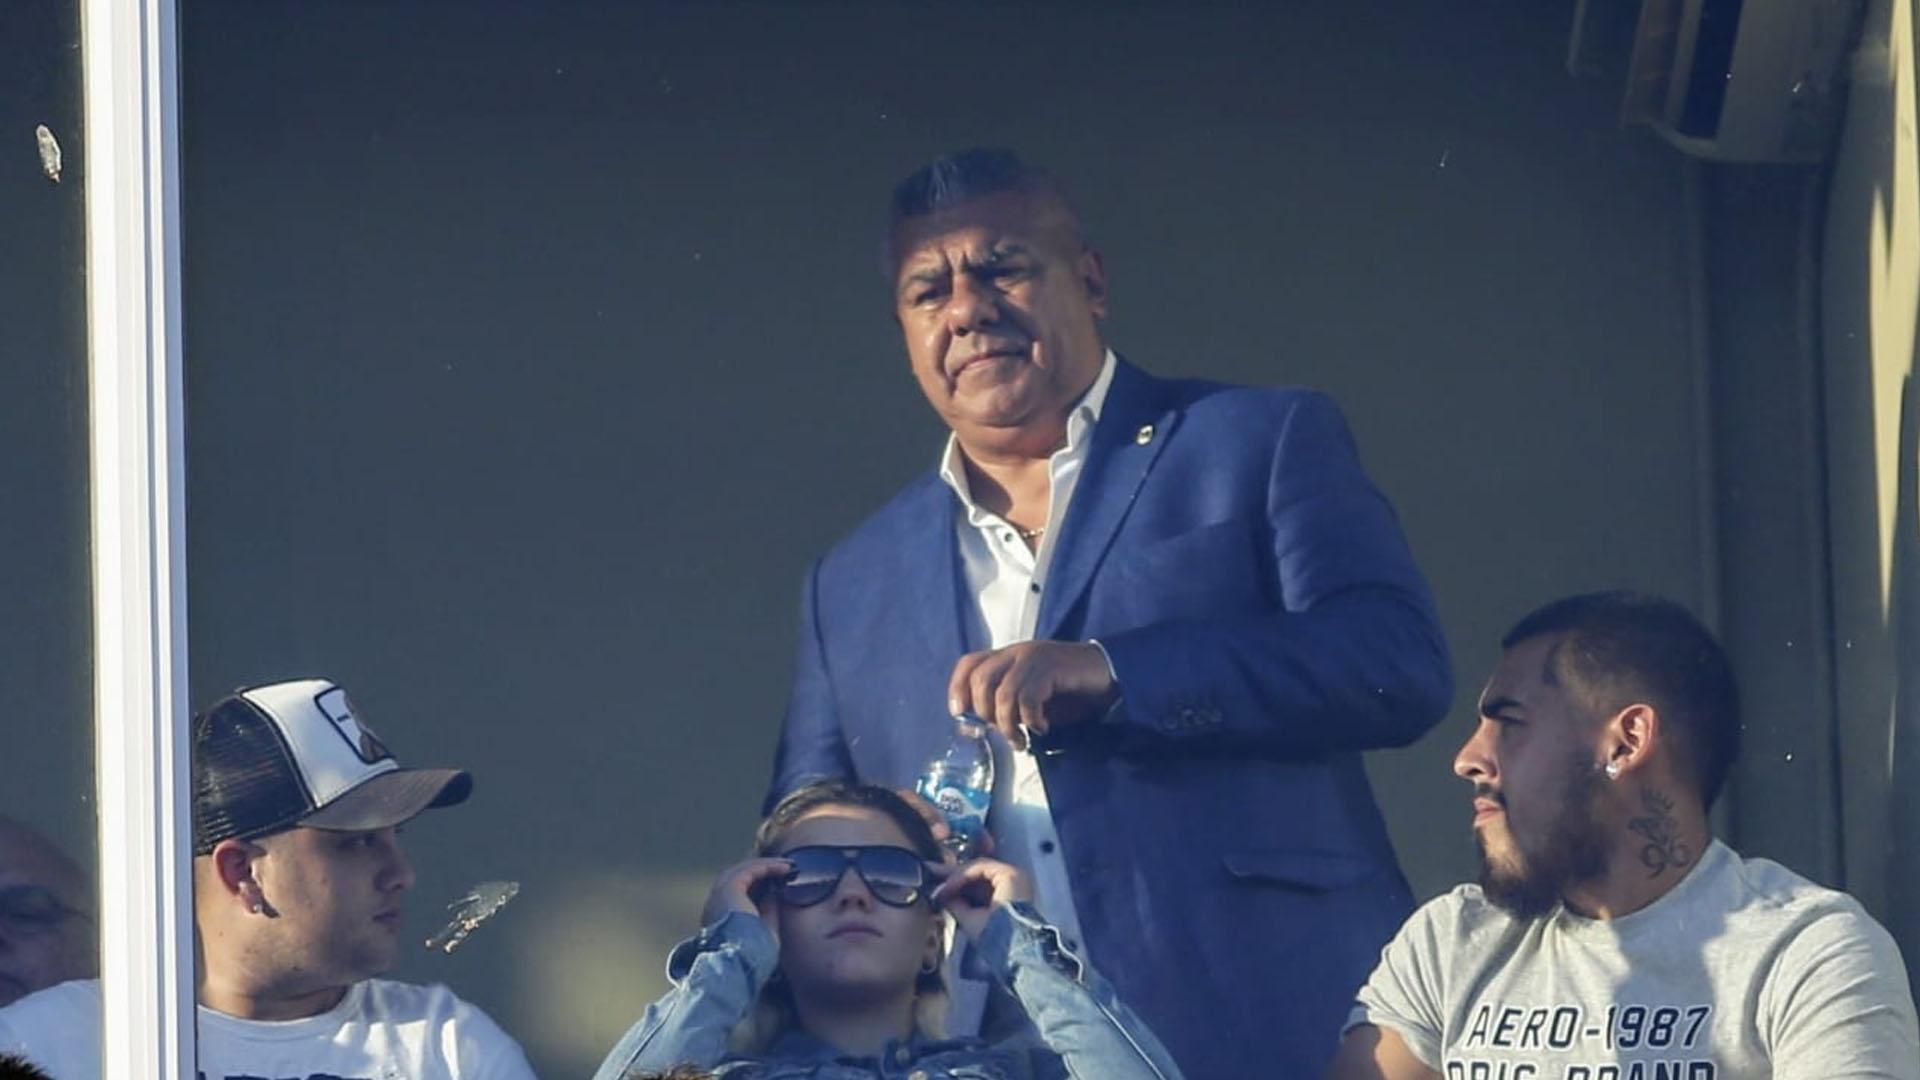 """El presidente de la AFA, Claudio """"Chiqui"""" Tapia, estuvo presente en un estadio de Arsenal que se mostró colmado. El encuentro se jugó ante 15 mil personas que habían agotado rápidamente las entradas que entregó de forma gratuita la Asociación (Nicolás Aboaf)"""